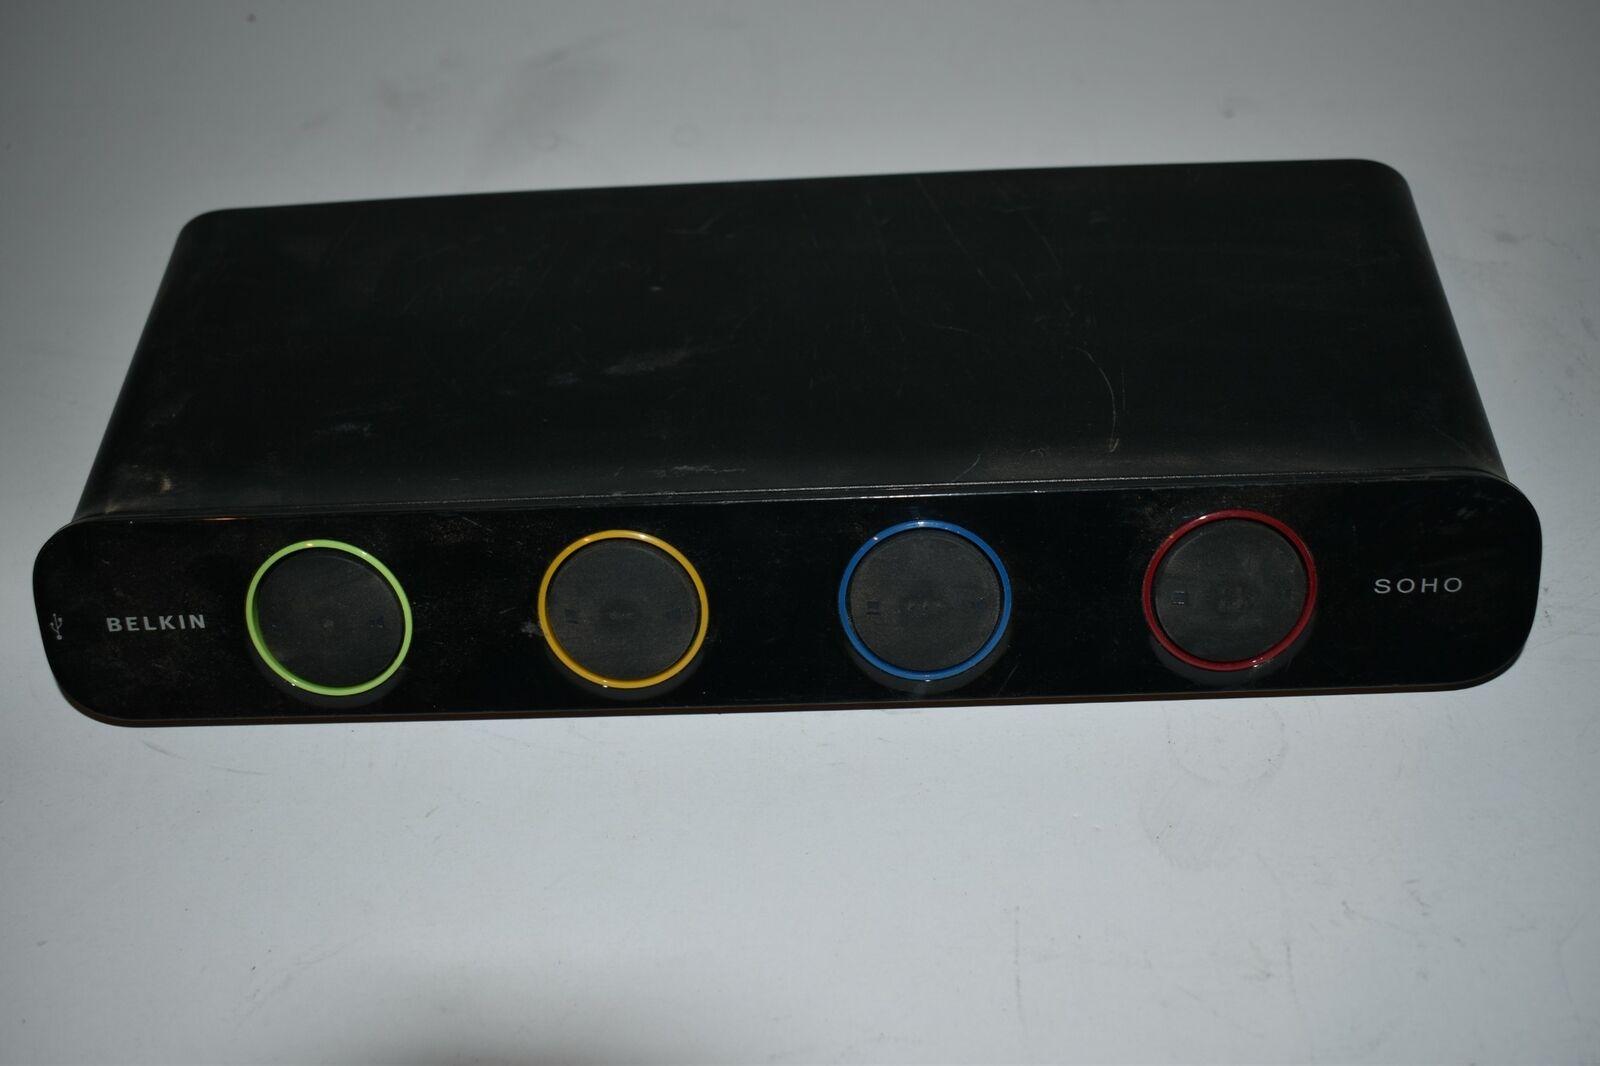 ^^ BELKIN OMNIVIEW SOHO KVM SWITCH WITH AUDIO MODEL F1DD104L (XN112)